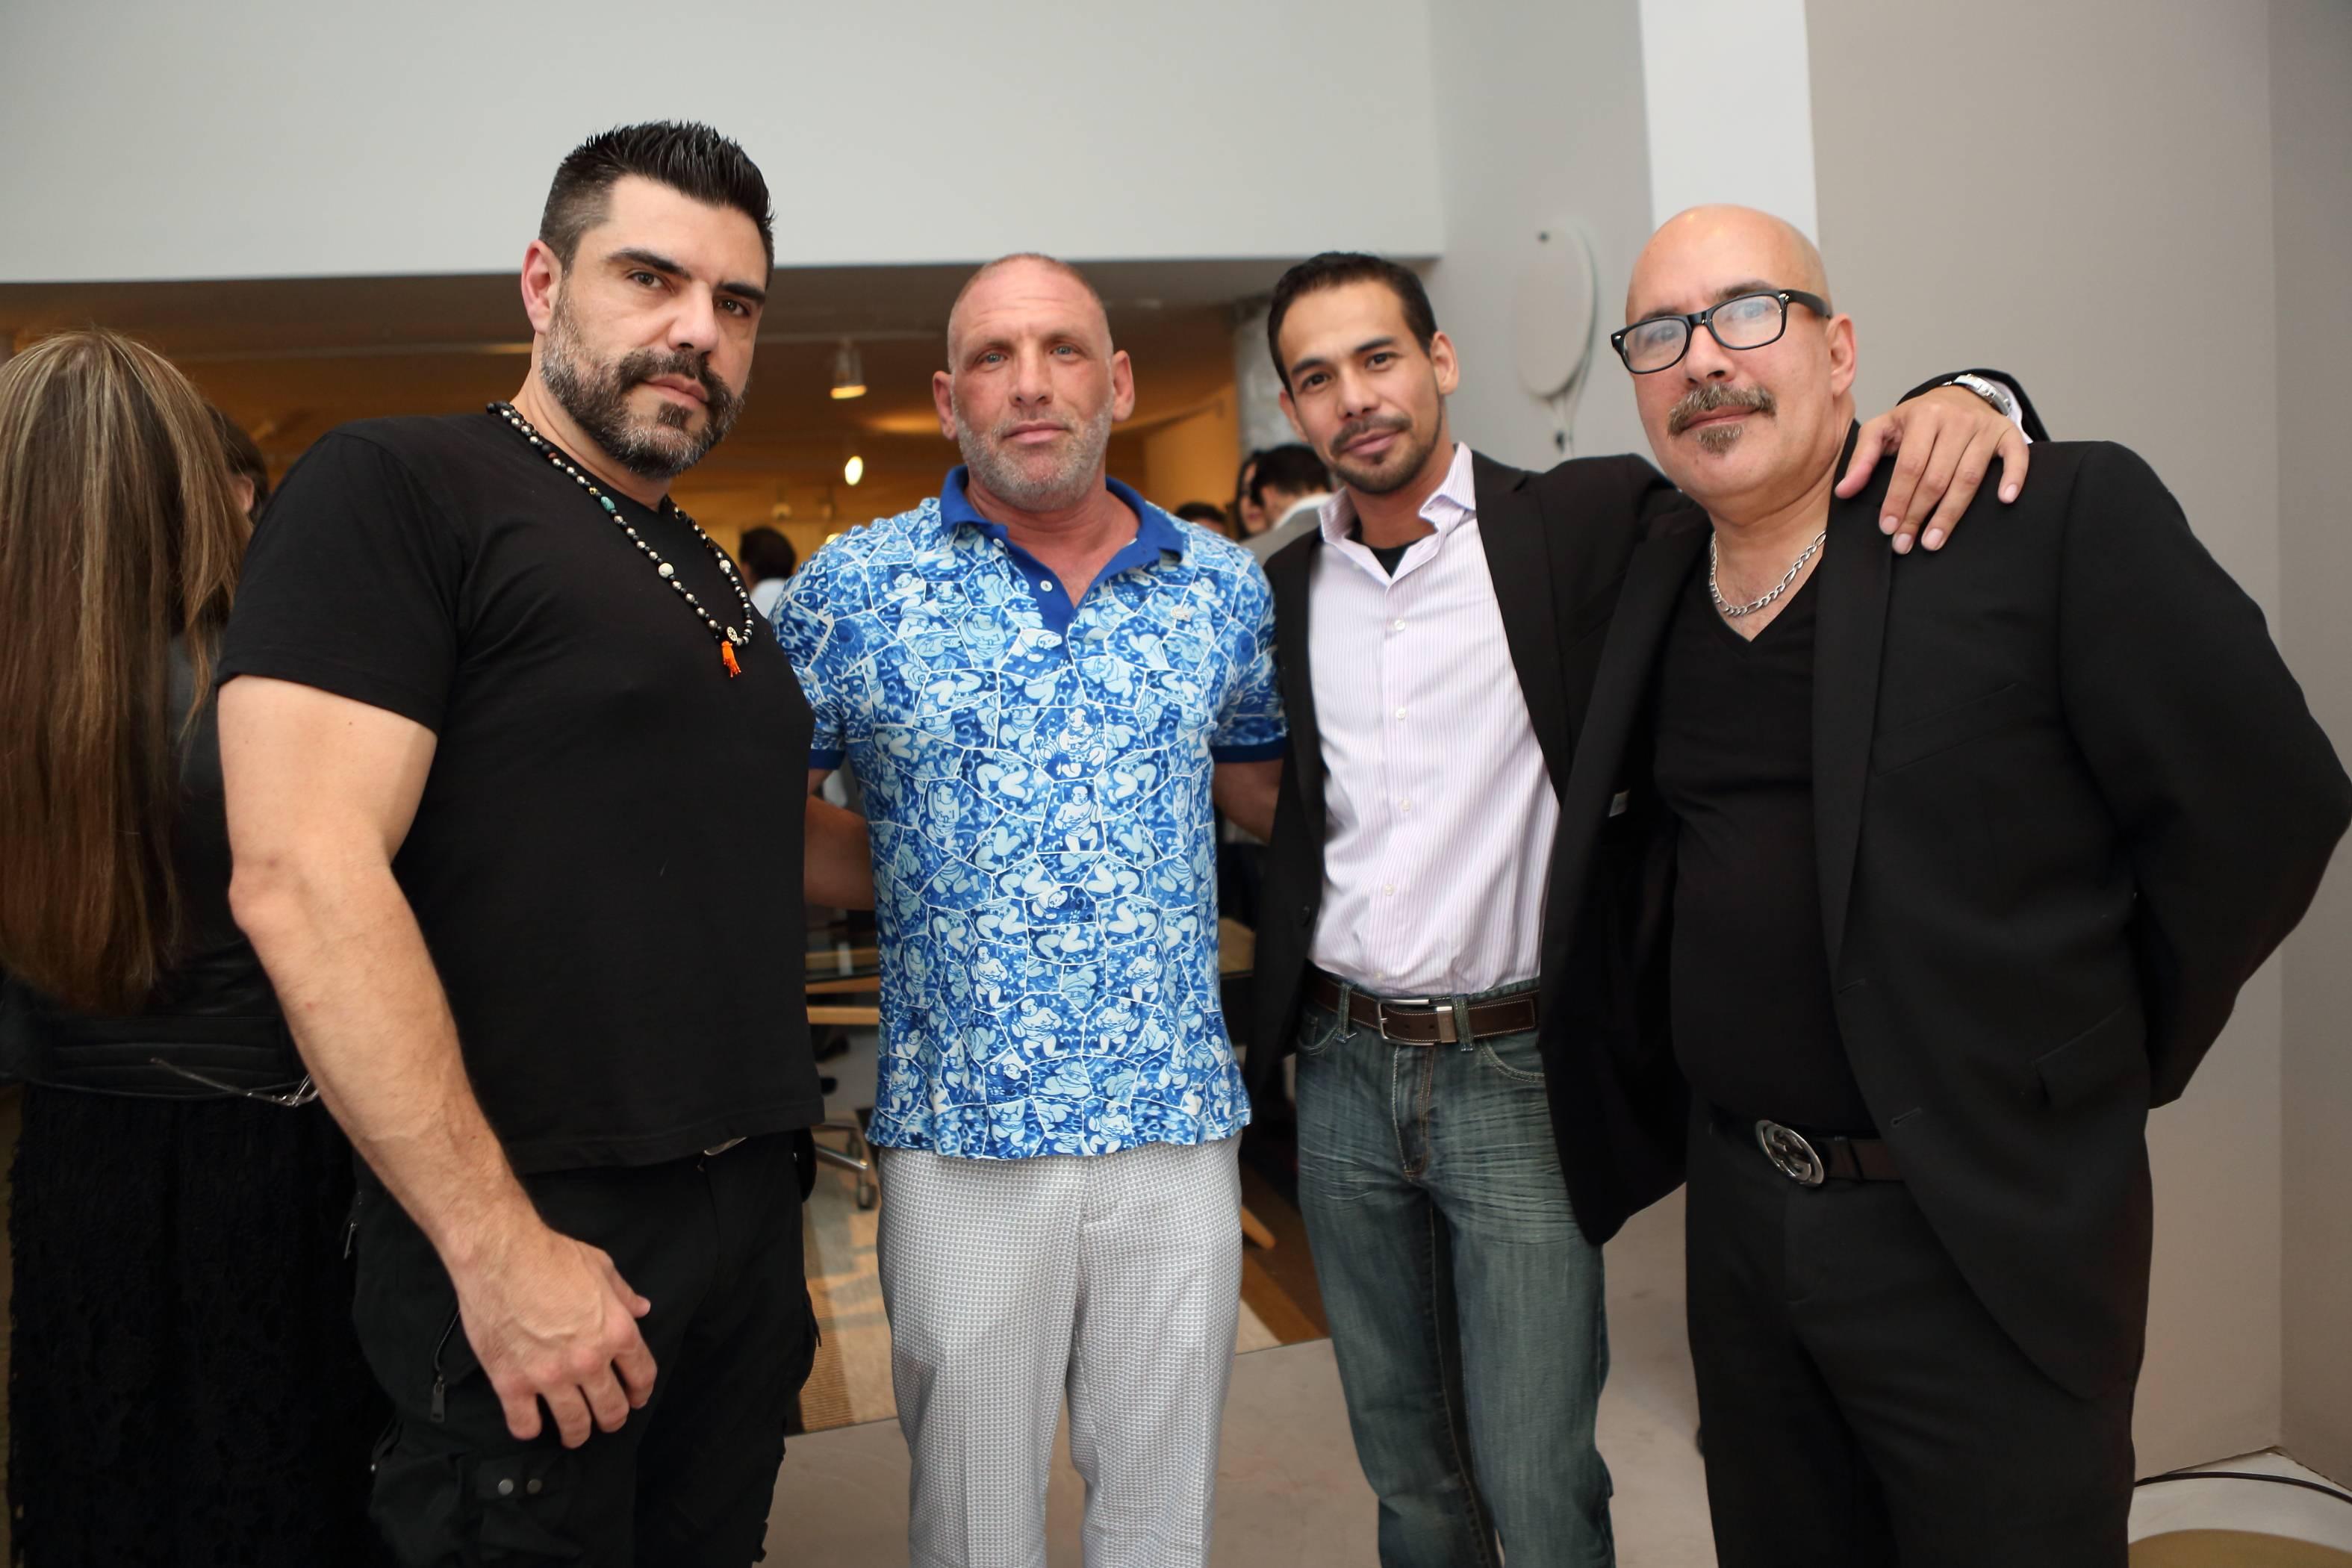 Federico Lastra, Max Yelin, Max Art designer, John Maldonado, Joe Martinez